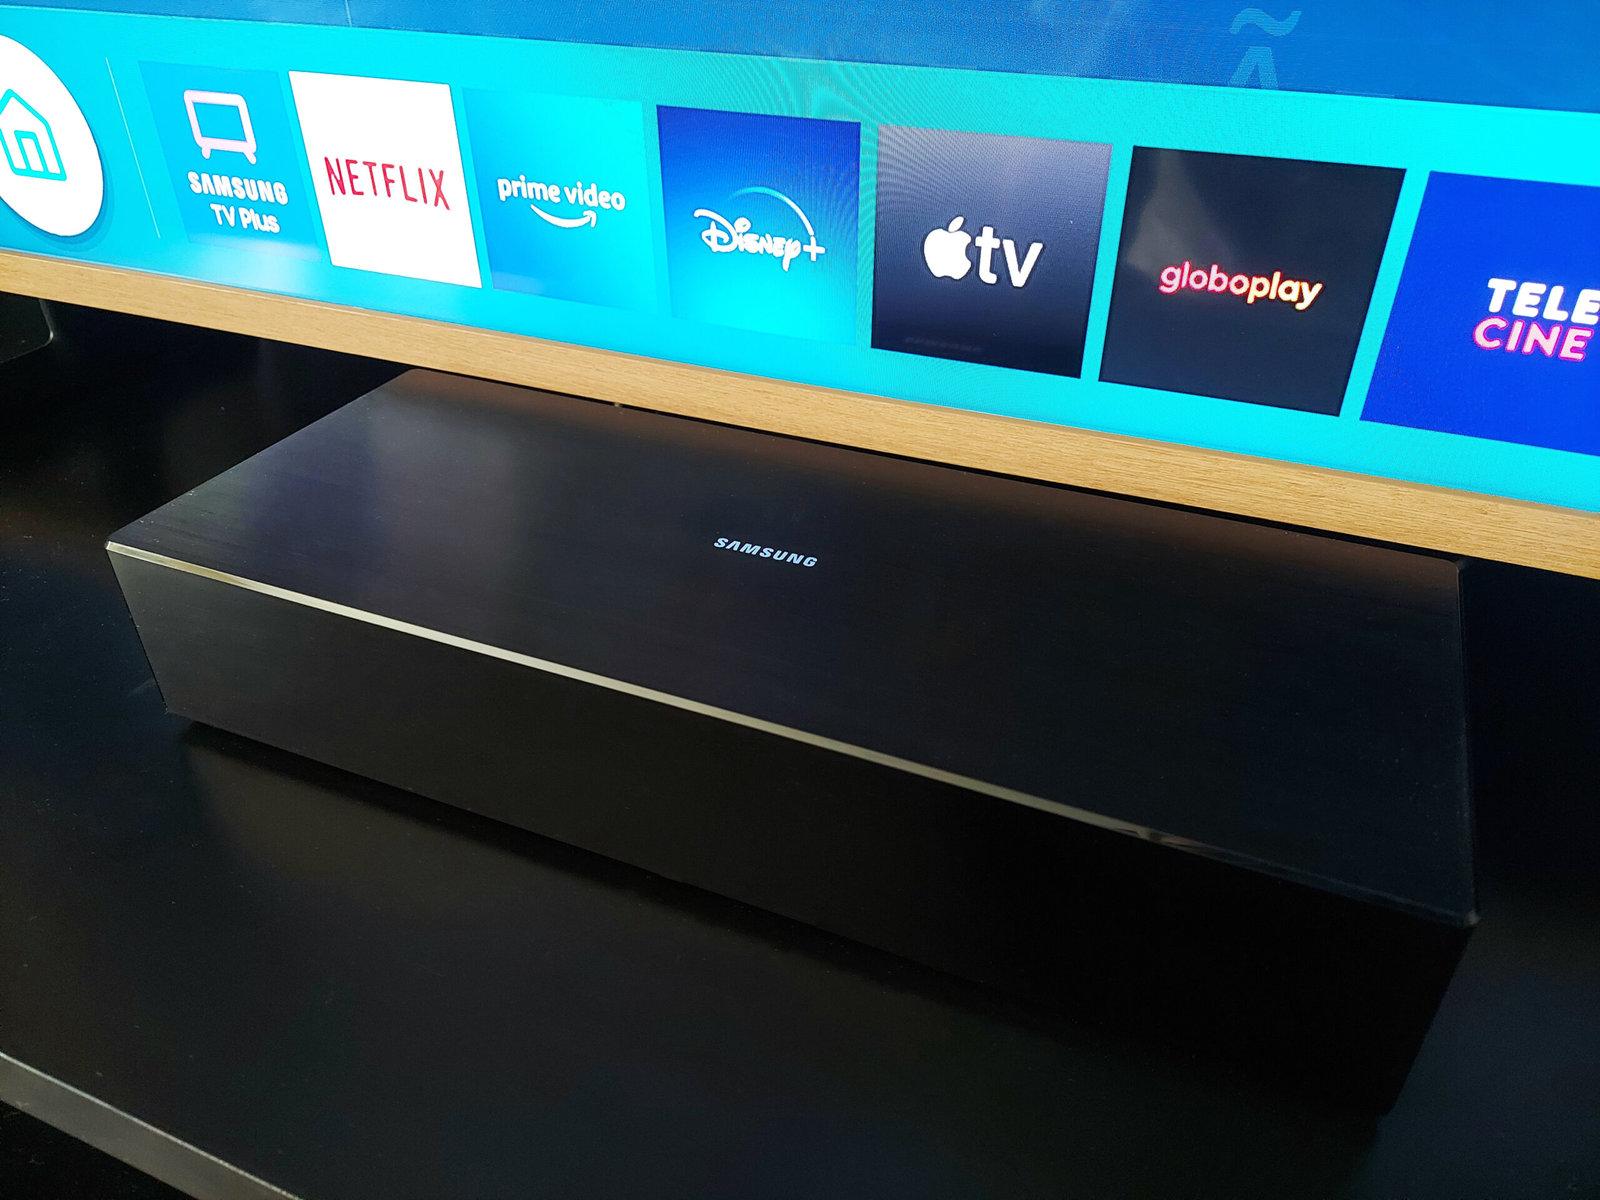 """Review: the frame 2021, a smart tv da samsung que equilibra design e sustentabilidade. Ainda mais fina que o modelo antecessor, a the frame 2021 é sinônimo de atenção ao design, sendo uma evolução das outras smart tvs """"lifestyle"""" da samsung"""